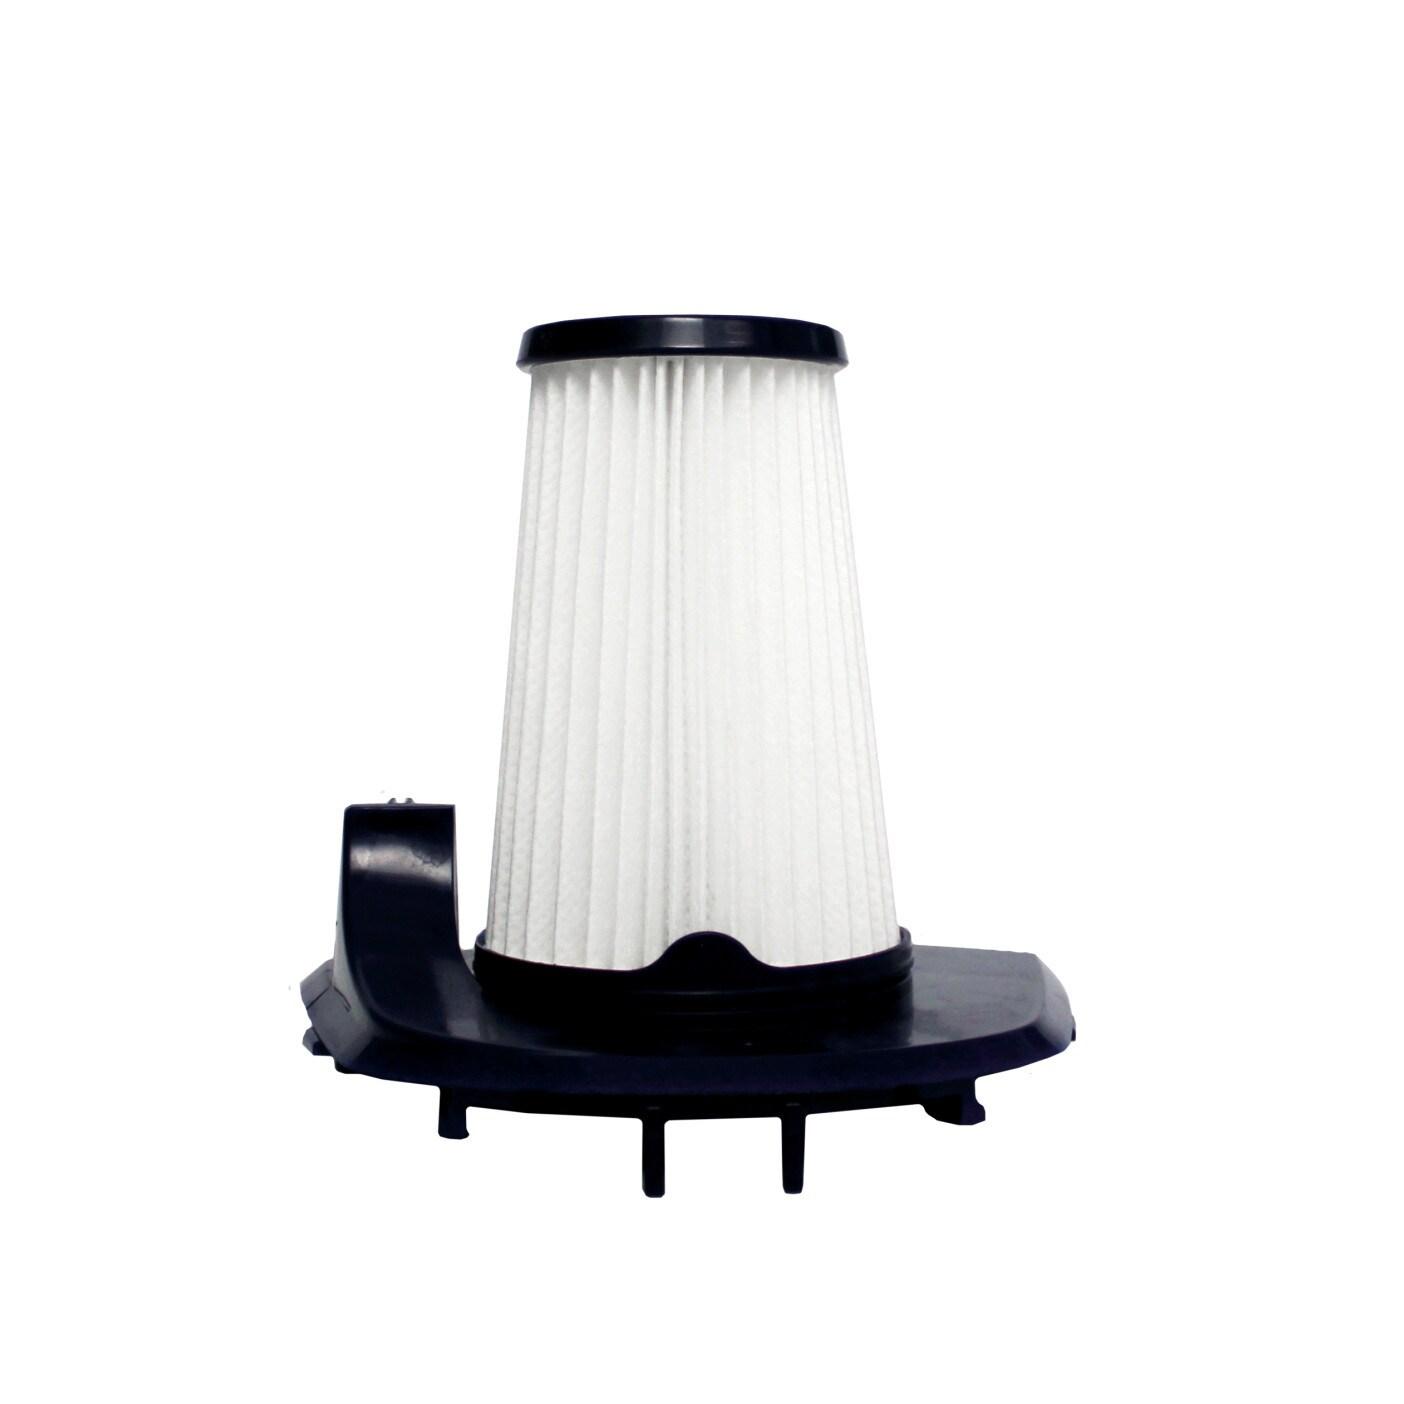 2x Filter Für AEG AEF150 9001683755 CX7-2-30BP CX7-2-30GM Staubsauger Zubehör